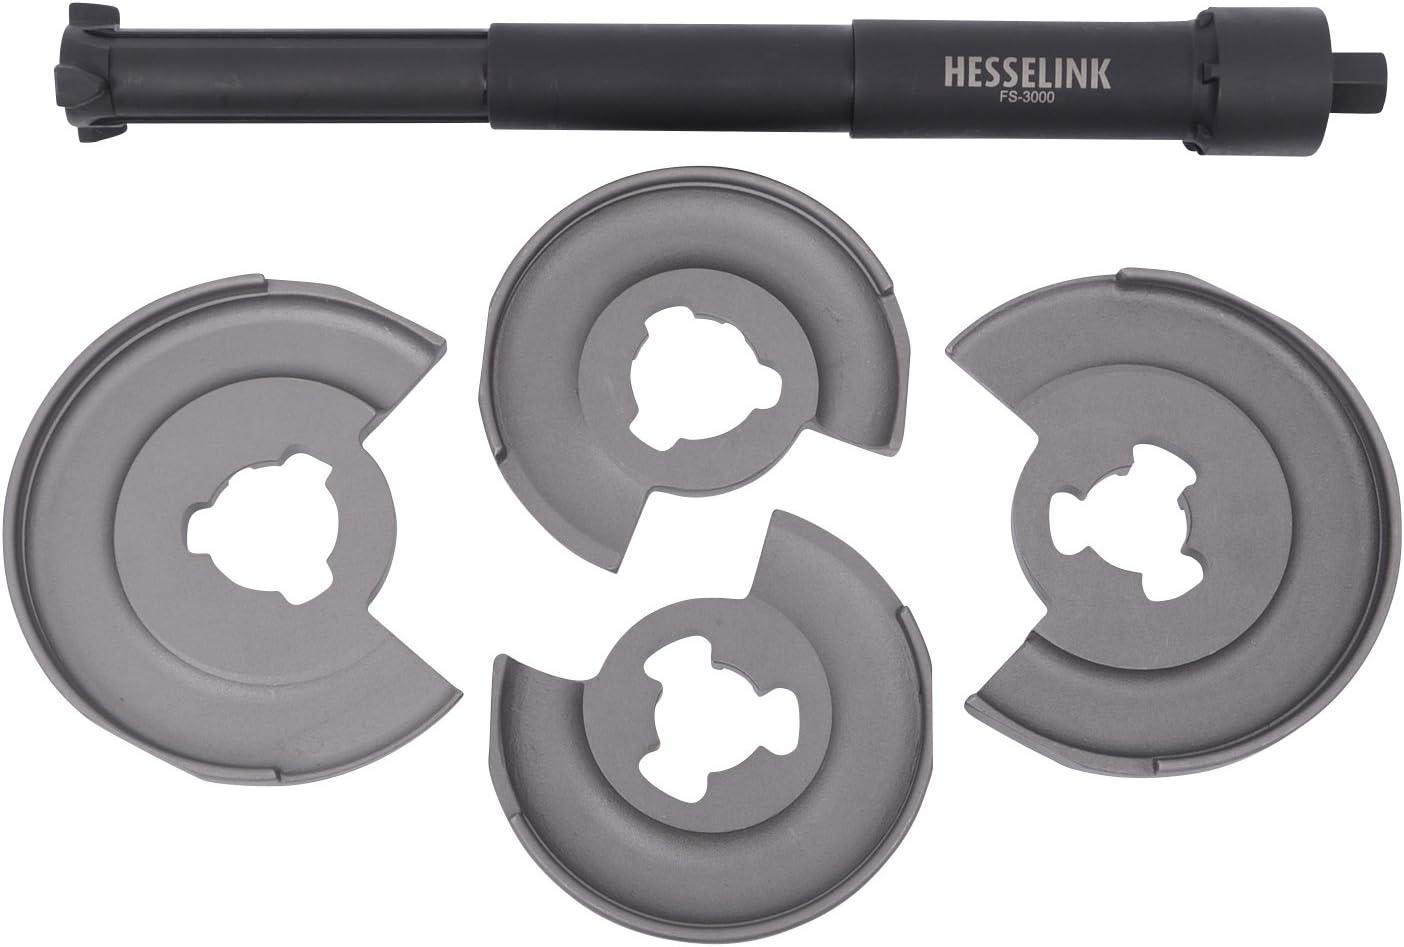 Hesselink Fs 3000 I Innen Federspanner Mit Tellersystem I Universal Werkzeug I Einsetzbar Bei Allen Gängigen Automarken Baumarkt